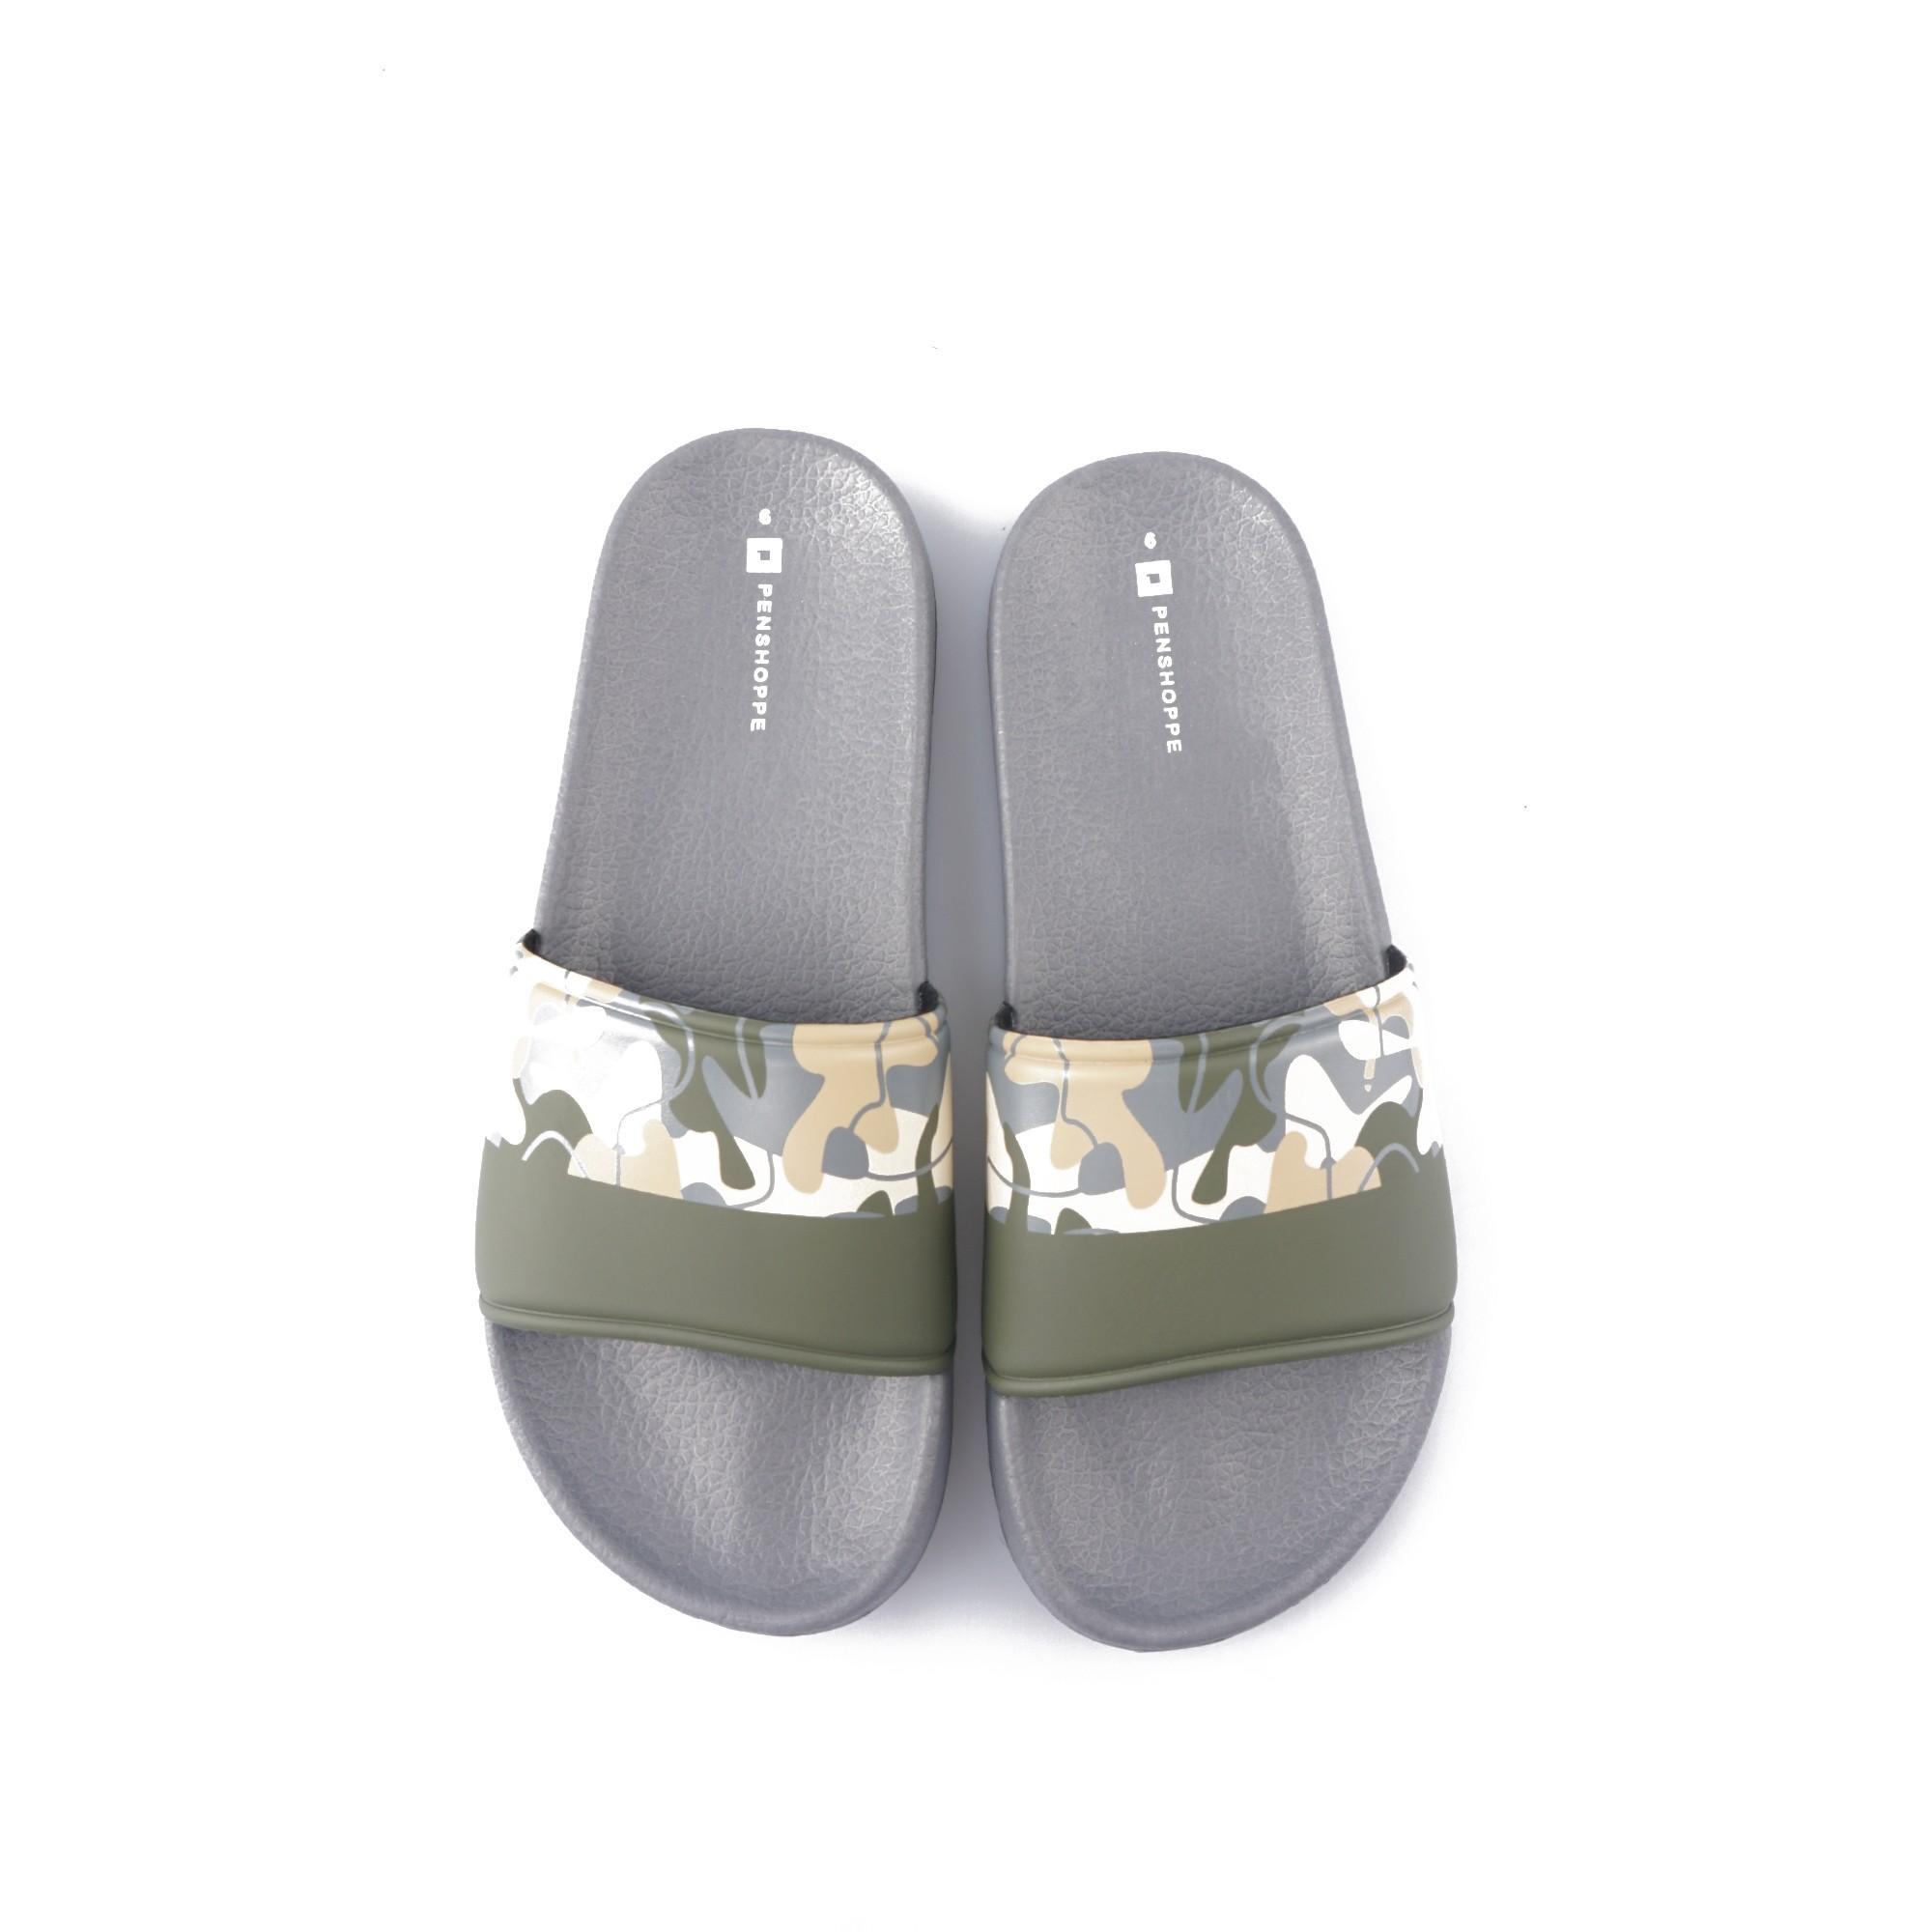 380d9a435 Slides for Men for sale - Slide Slippers for Men Online Deals ...